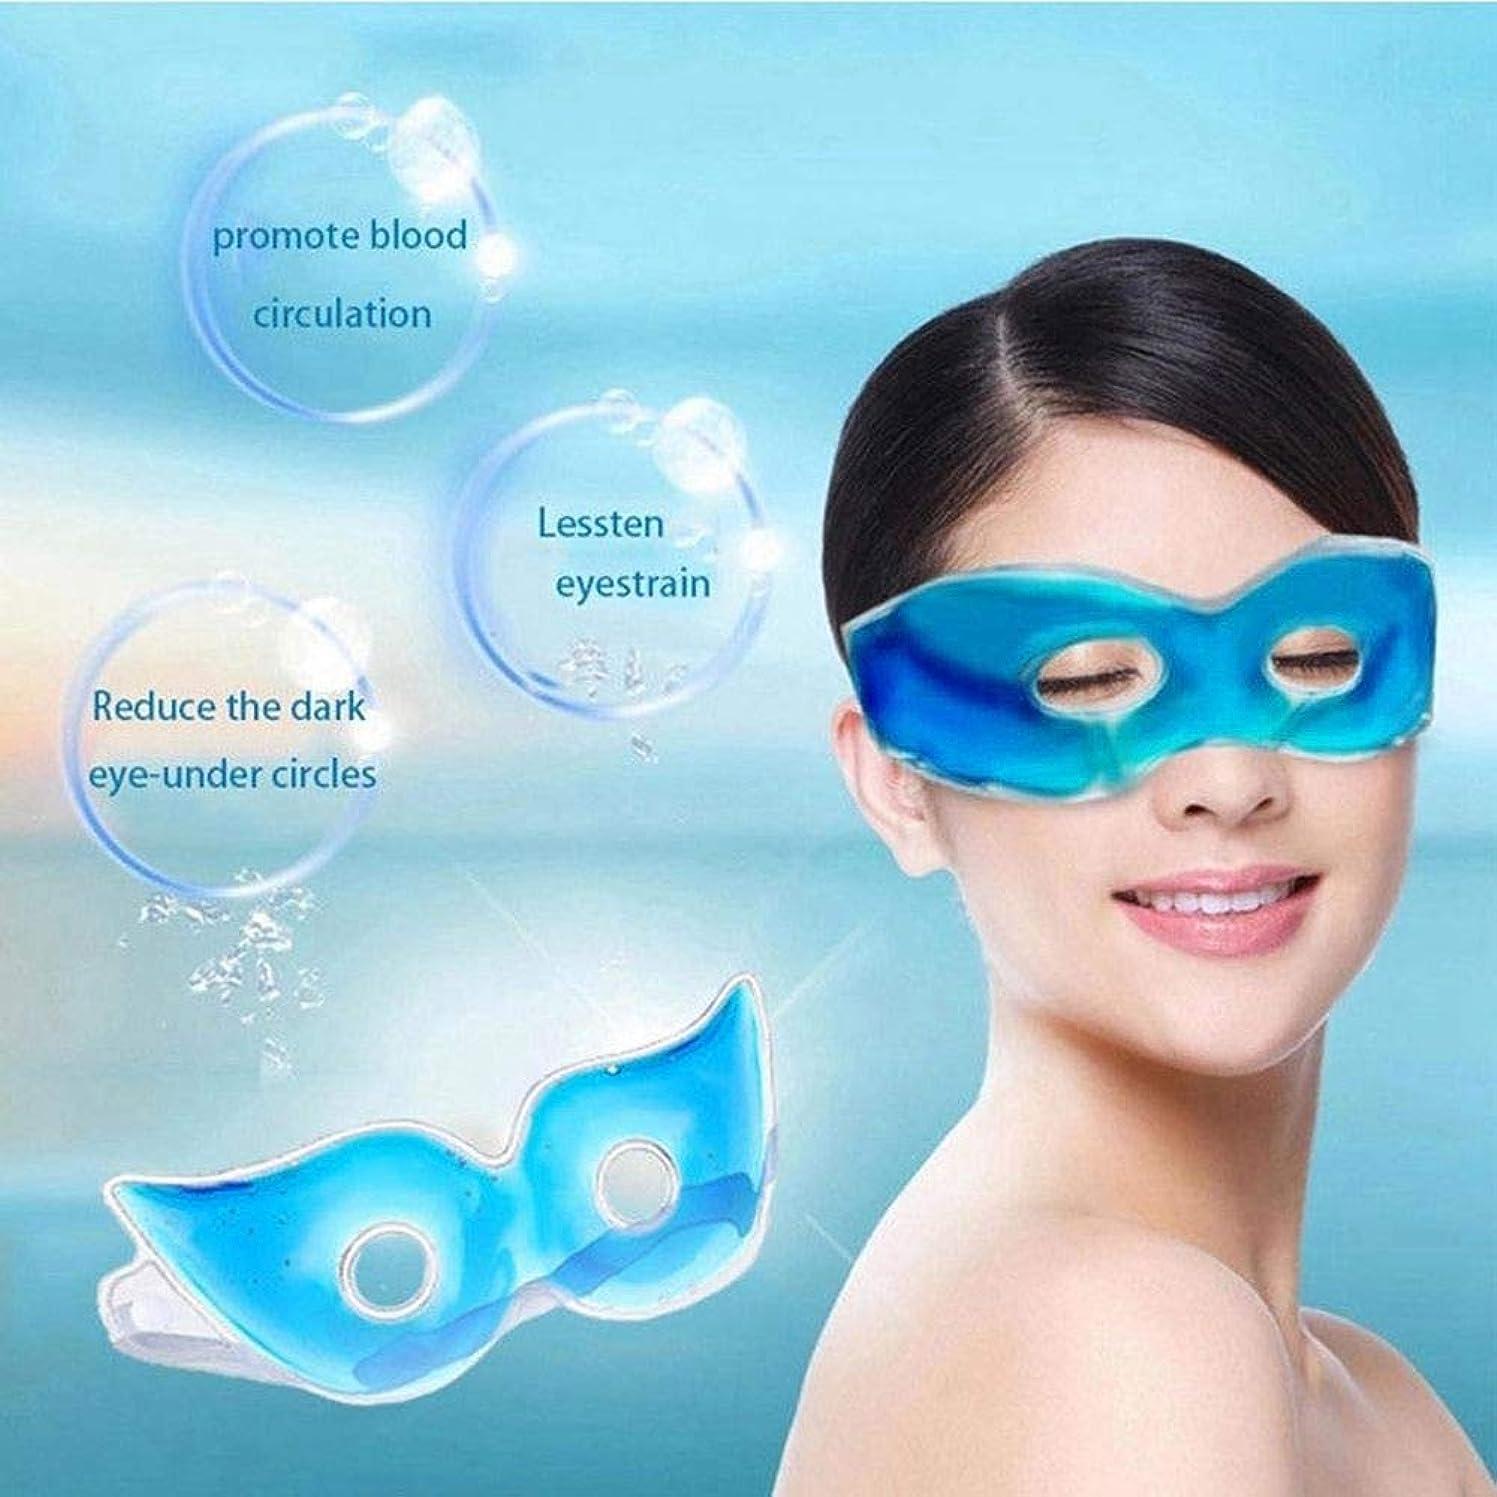 変形する承認するケイ素NOTE アイスアイジェルスリーピングアイマスク美容ダークサークルを軽減疲労を軽減アイストレイン1個アイジェルパッチマスク